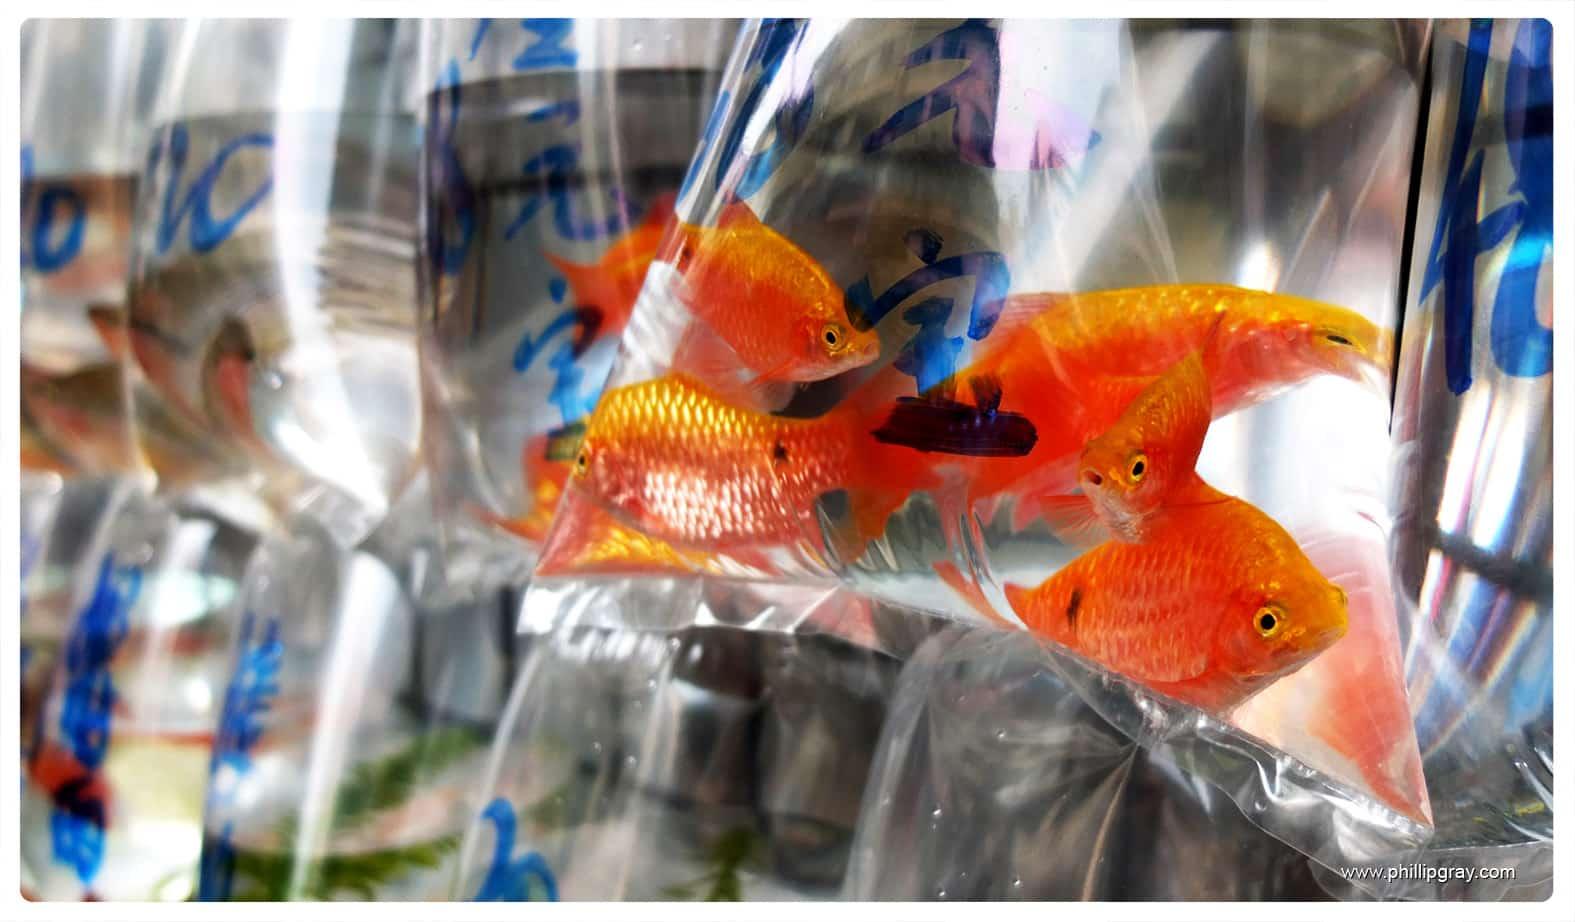 Estudo descobre que bolsas plásticas podem ser mortais para os peixes.